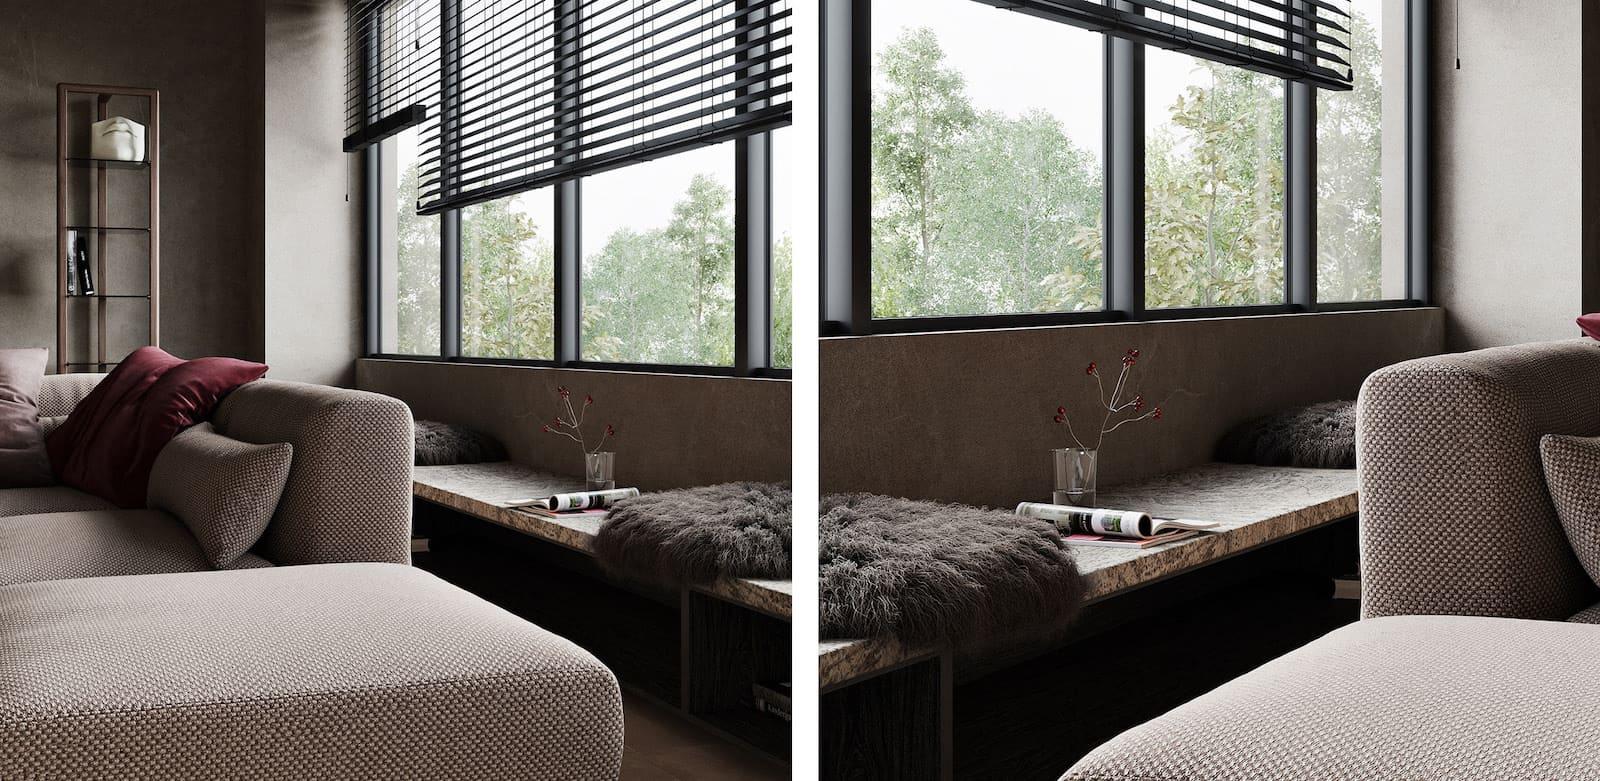 conception d'un appartement d'une pièce photo 5